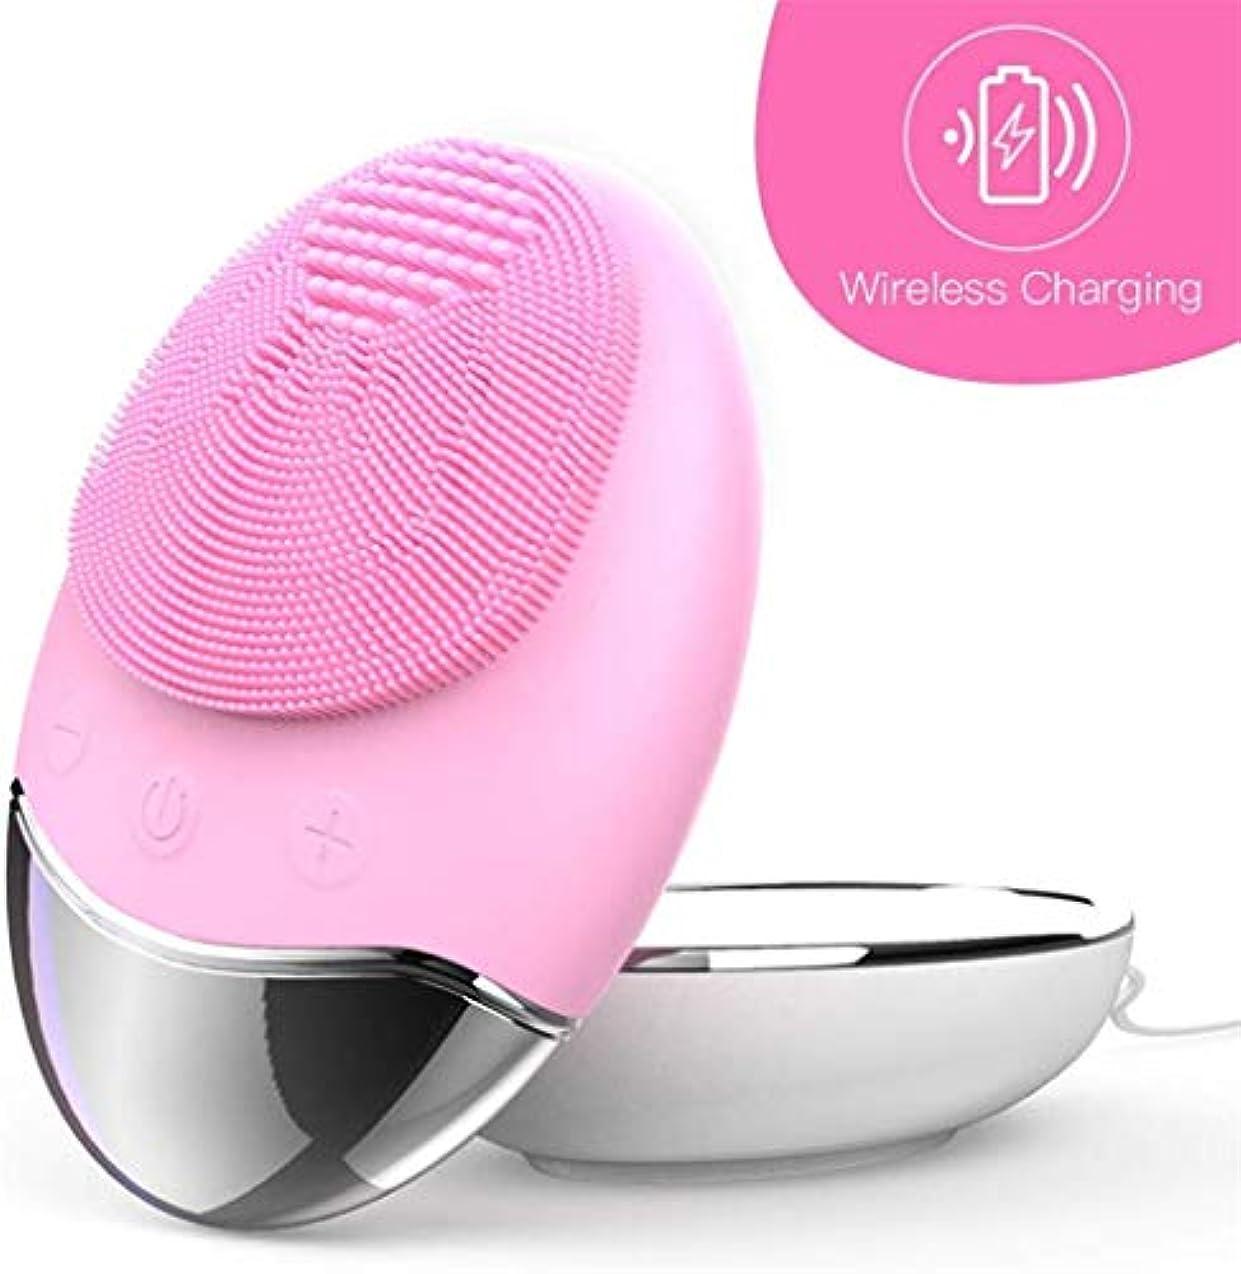 器用安全なぴったりオールスキンタイプの充電式用シリコーン洗顔ブラシ、ブラシシリコーンエクスフォリエイティングフェイススクラブブラシマッサージャー3-IN-1エレクトリックフェイス、